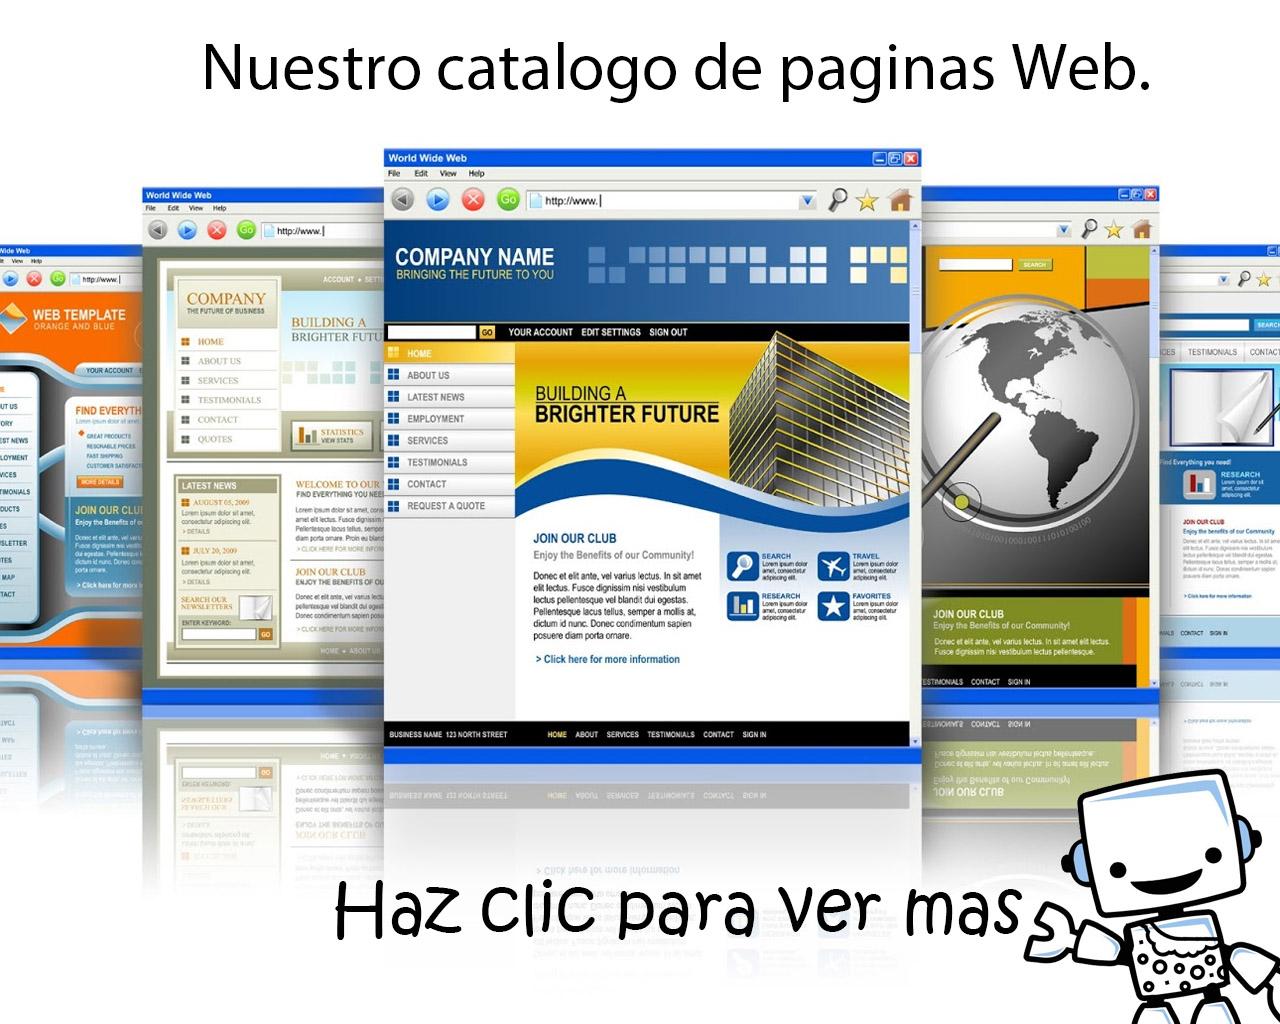 Catalogo Paginas web Caverna Tecnologica